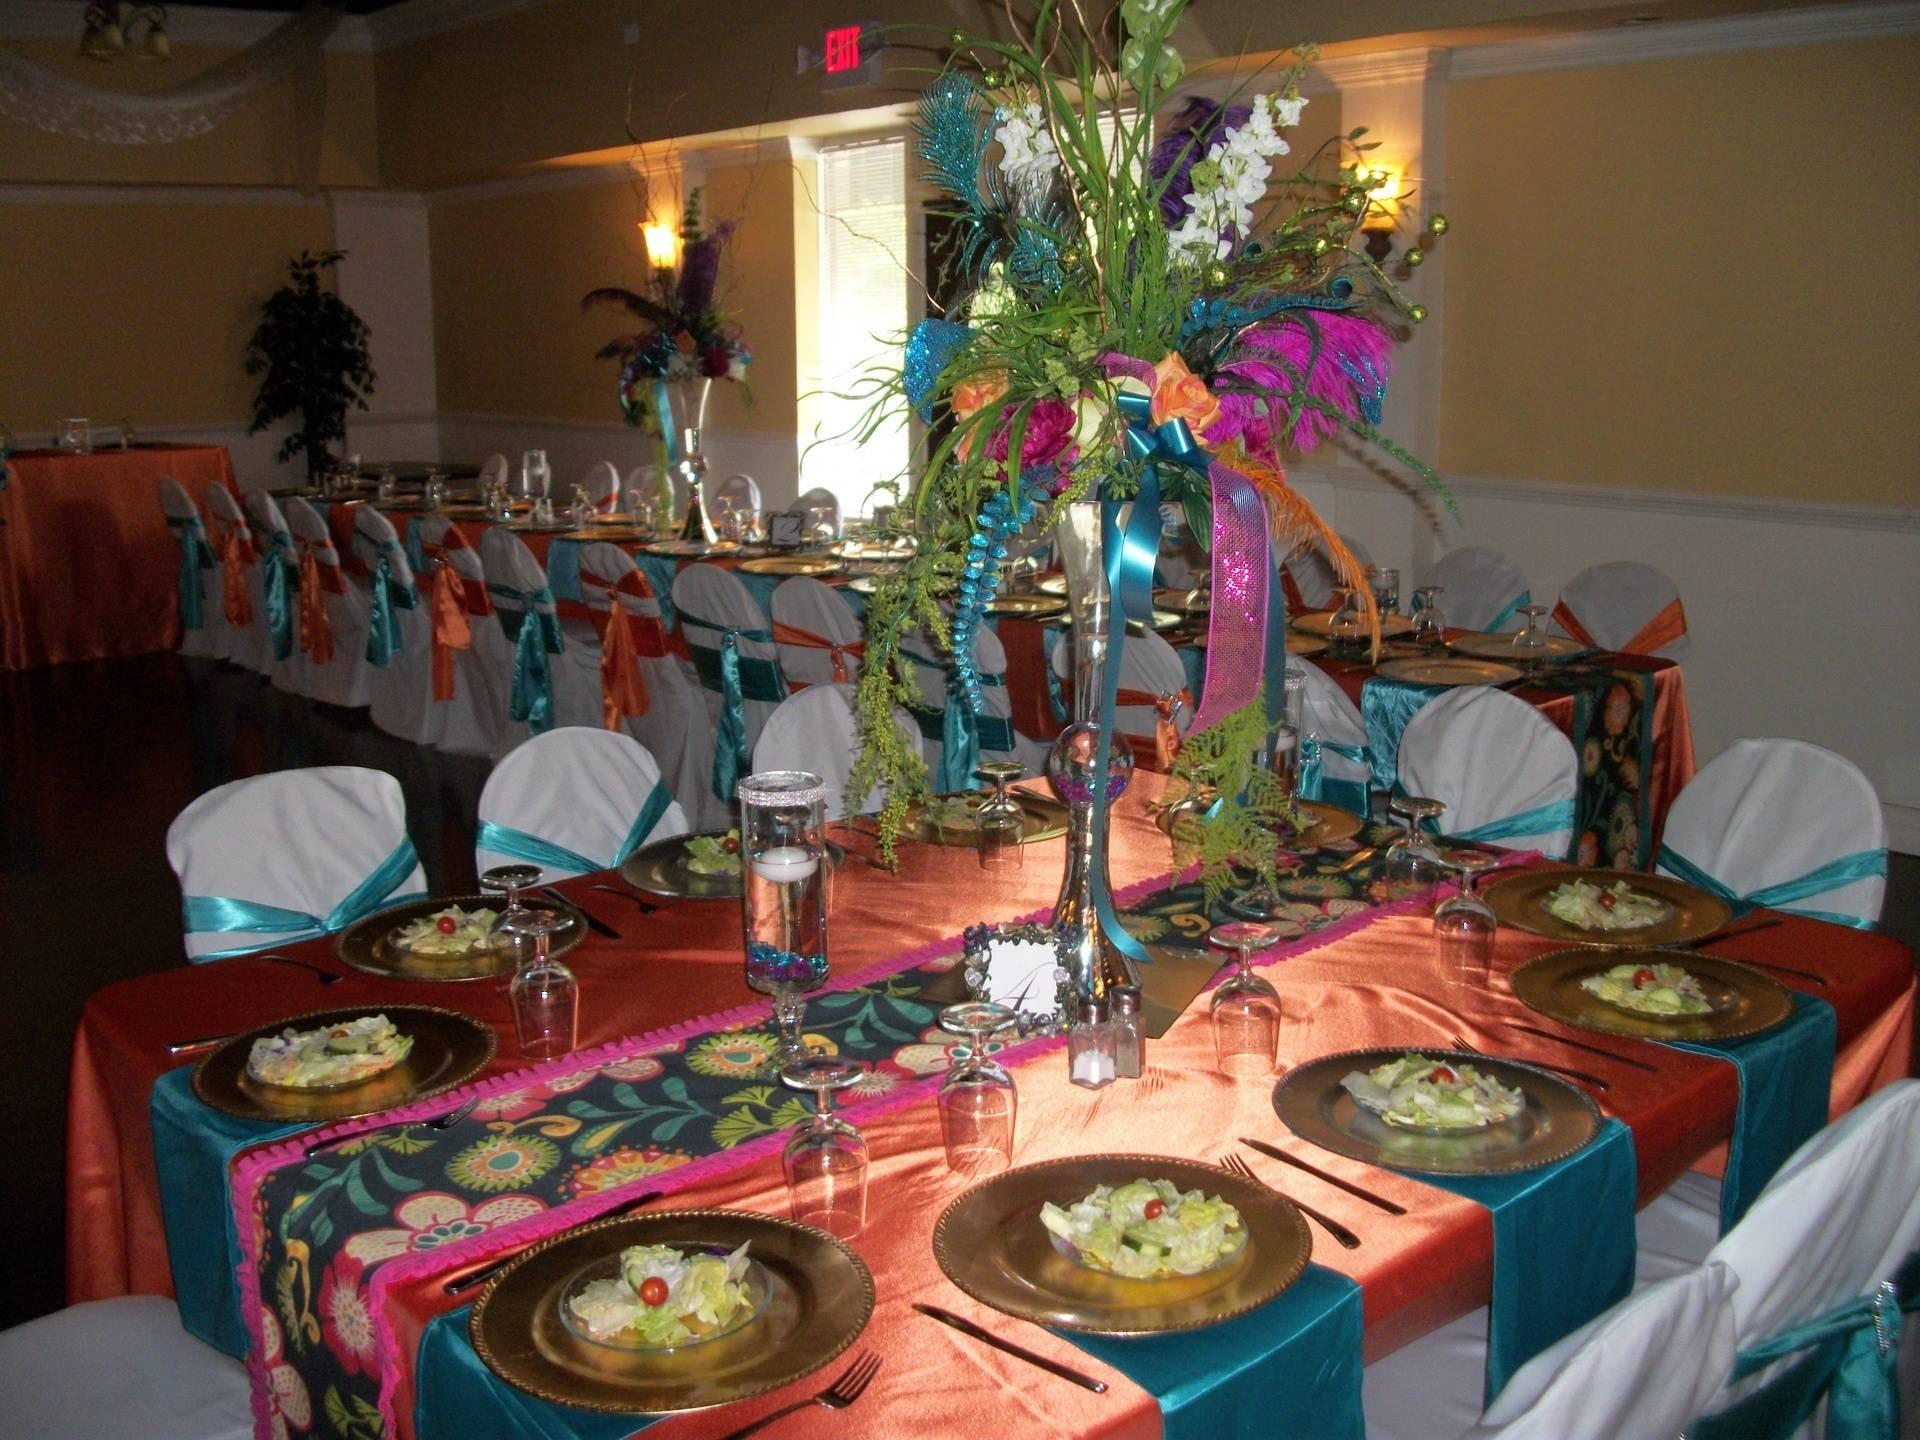 A'Faires Banquets and Events Venue LLC - 2